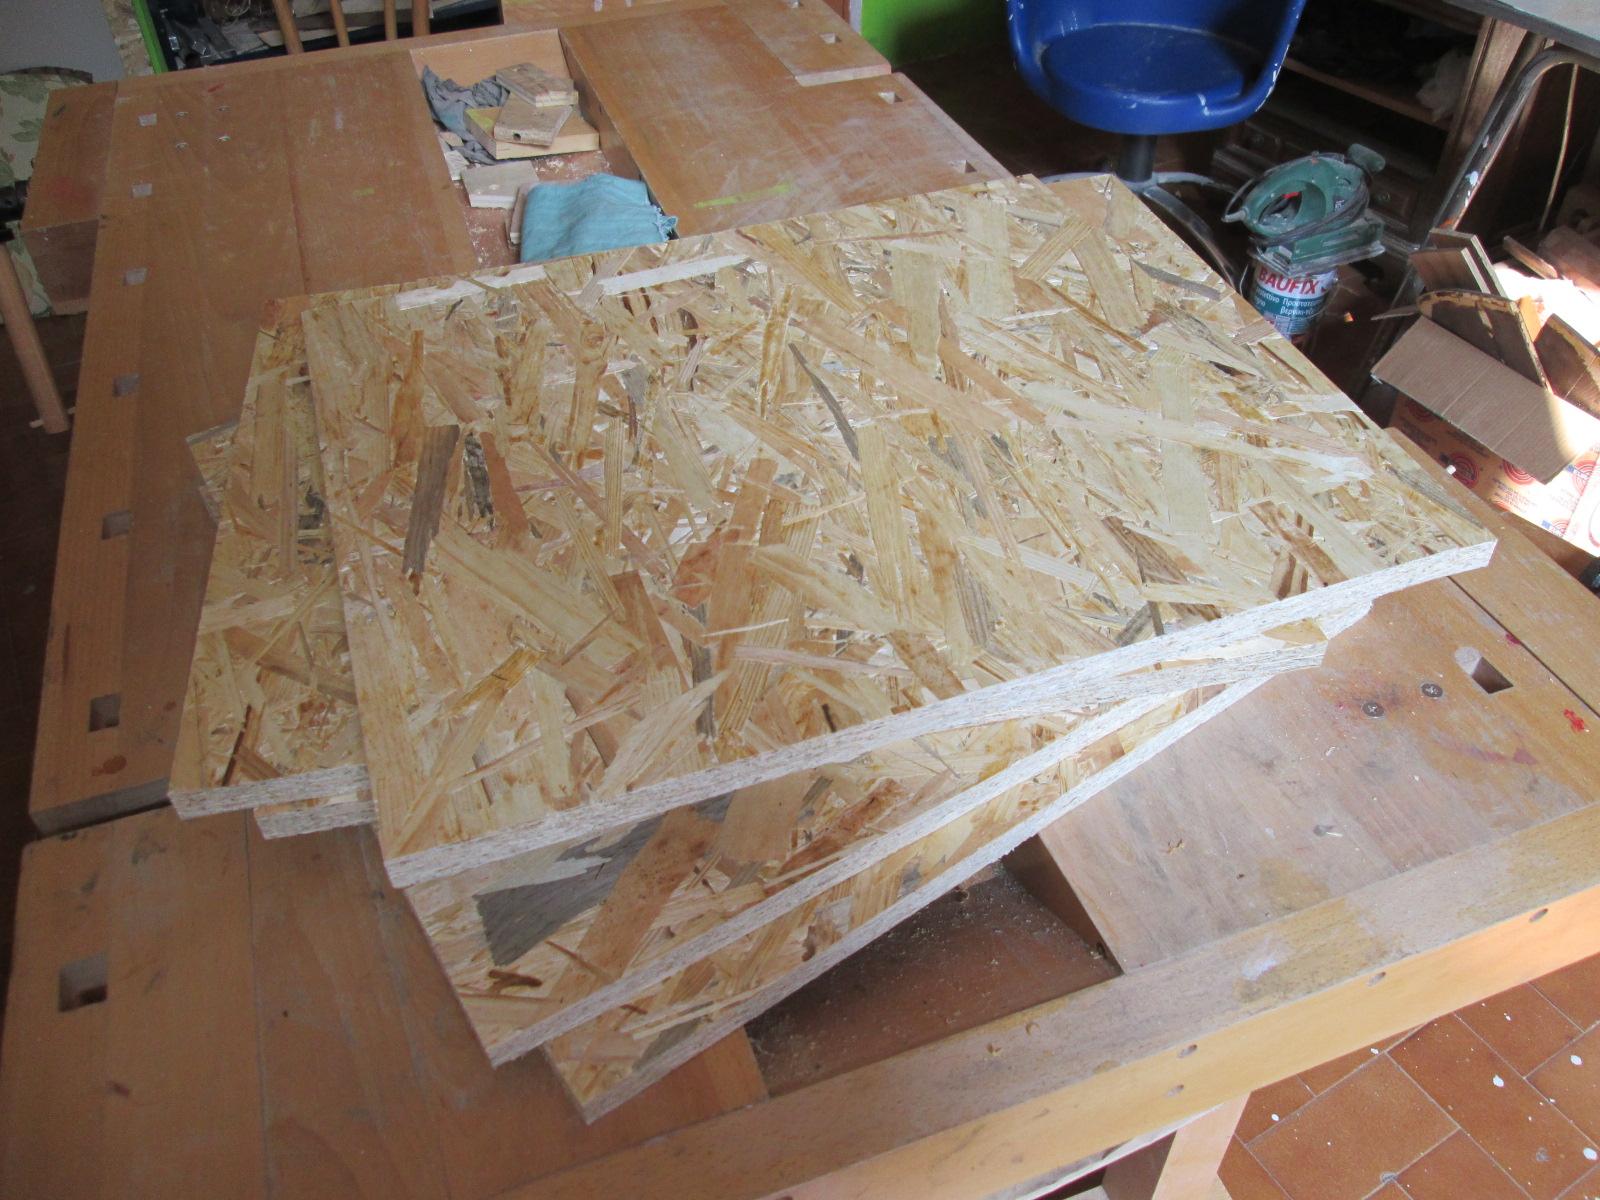 Pannelli Di Legno Osb la tana del truciolo: cubo seduta/contenitore in legno osb